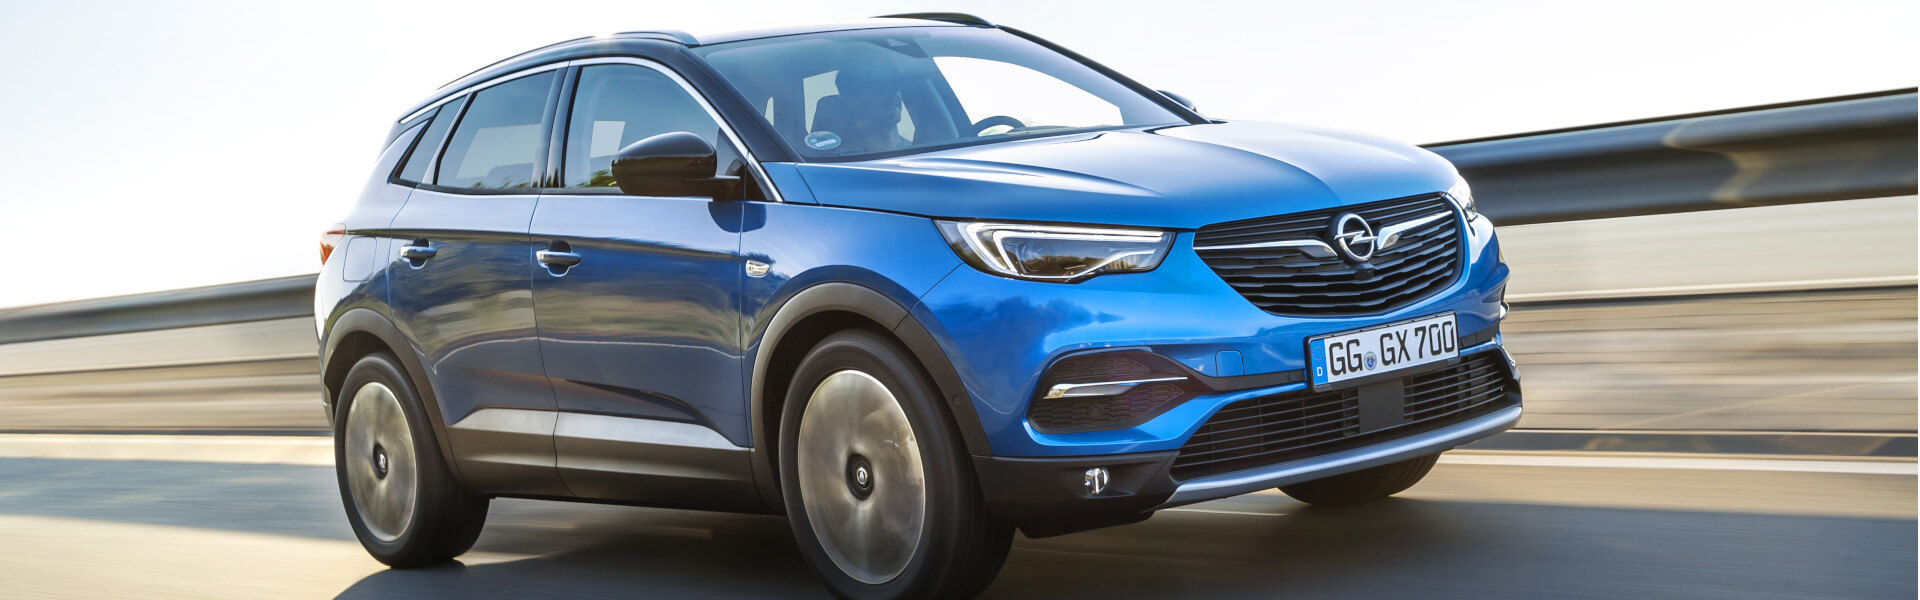 Opel Grandland in blau auf Straße